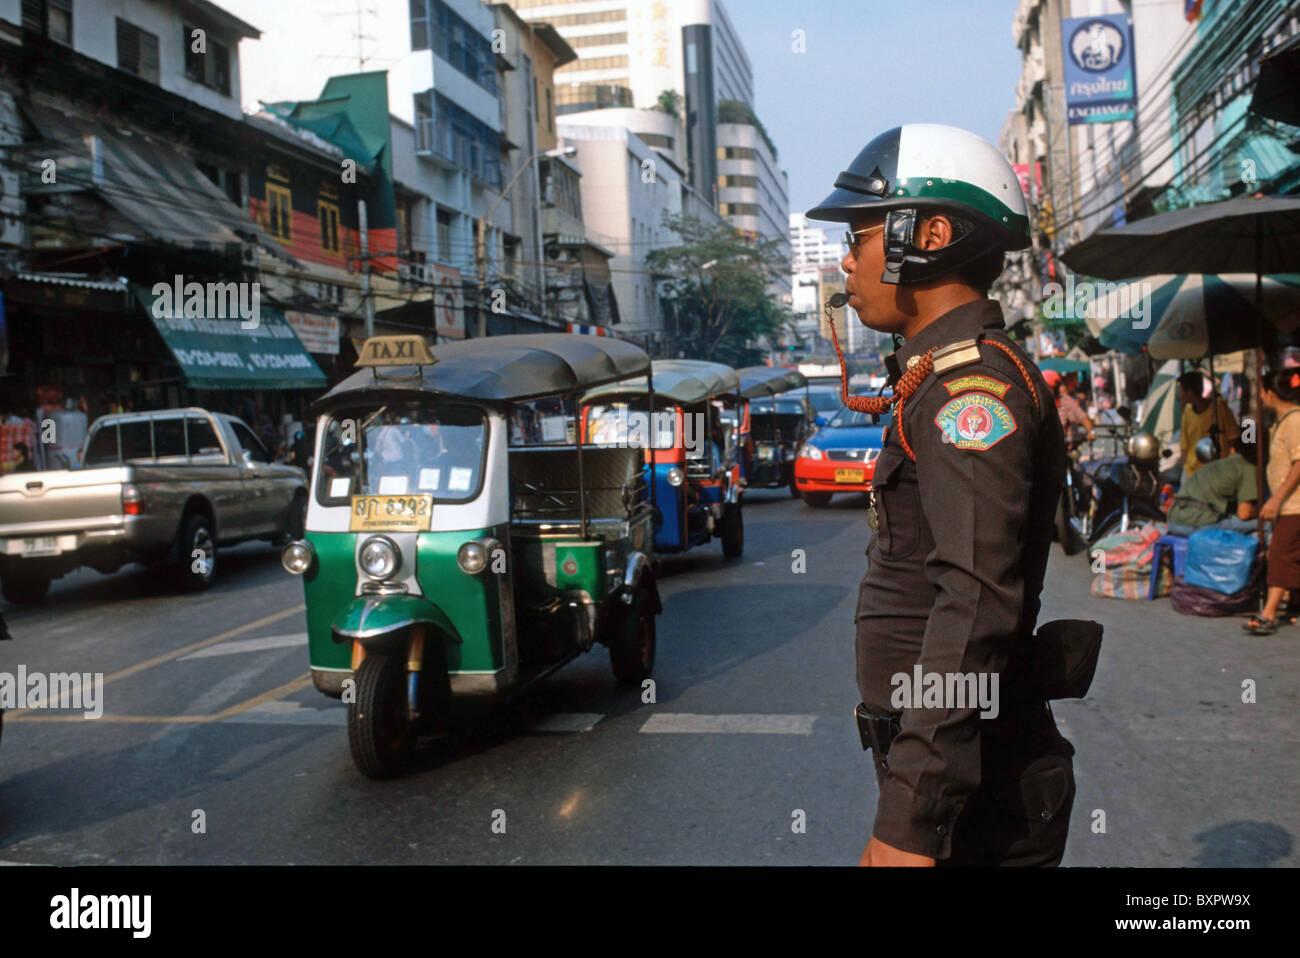 Ein thailändischer Strassenpolizist an einer Kreuzung in Chinatown - Stock Image